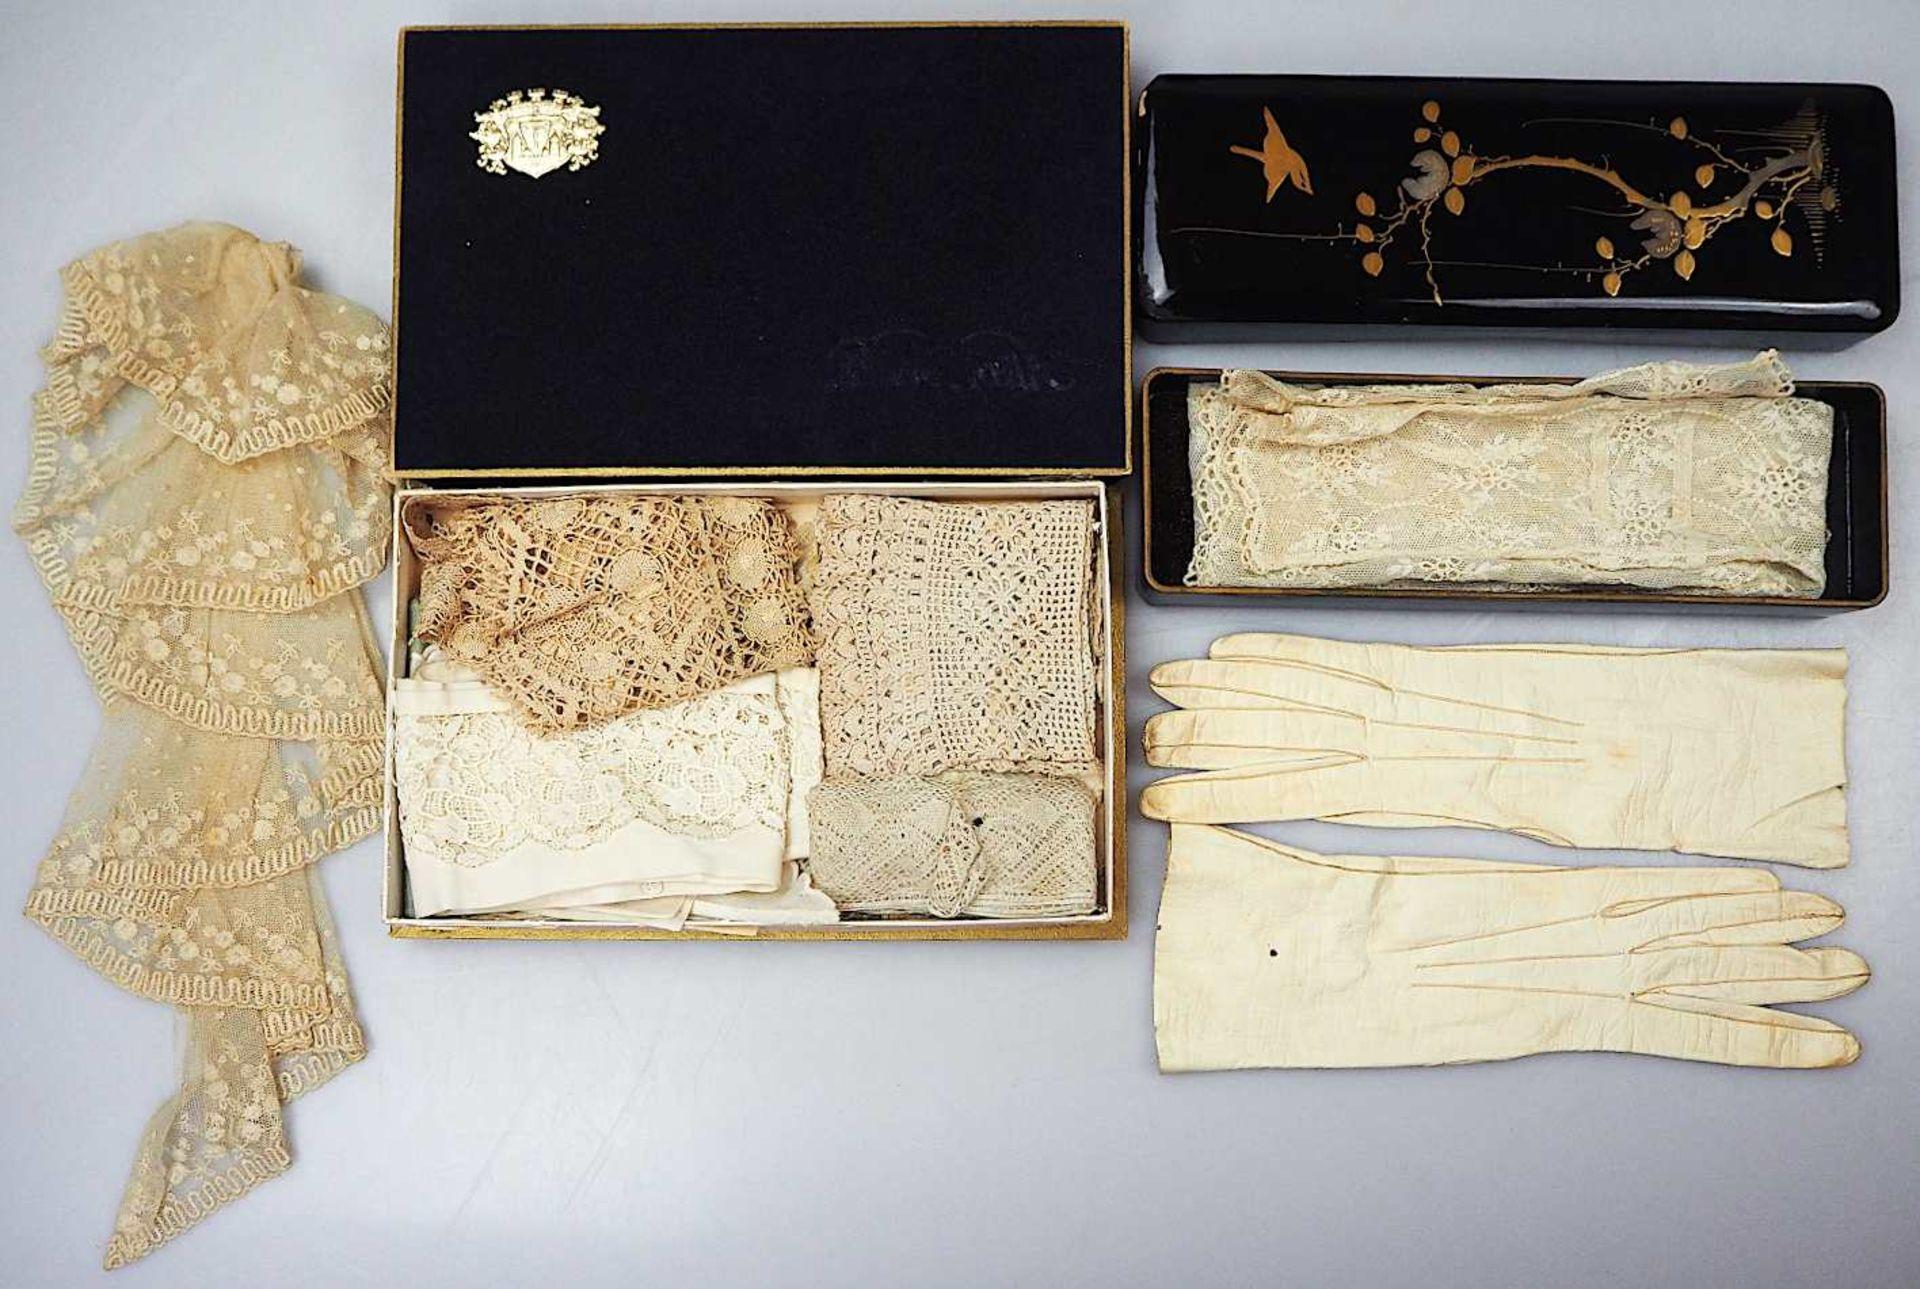 2 Fotoalben Anfang 20. Jh. mit Goldschnitt und reliefiertem Prägedekor z.T. gefüllt - Bild 3 aus 3